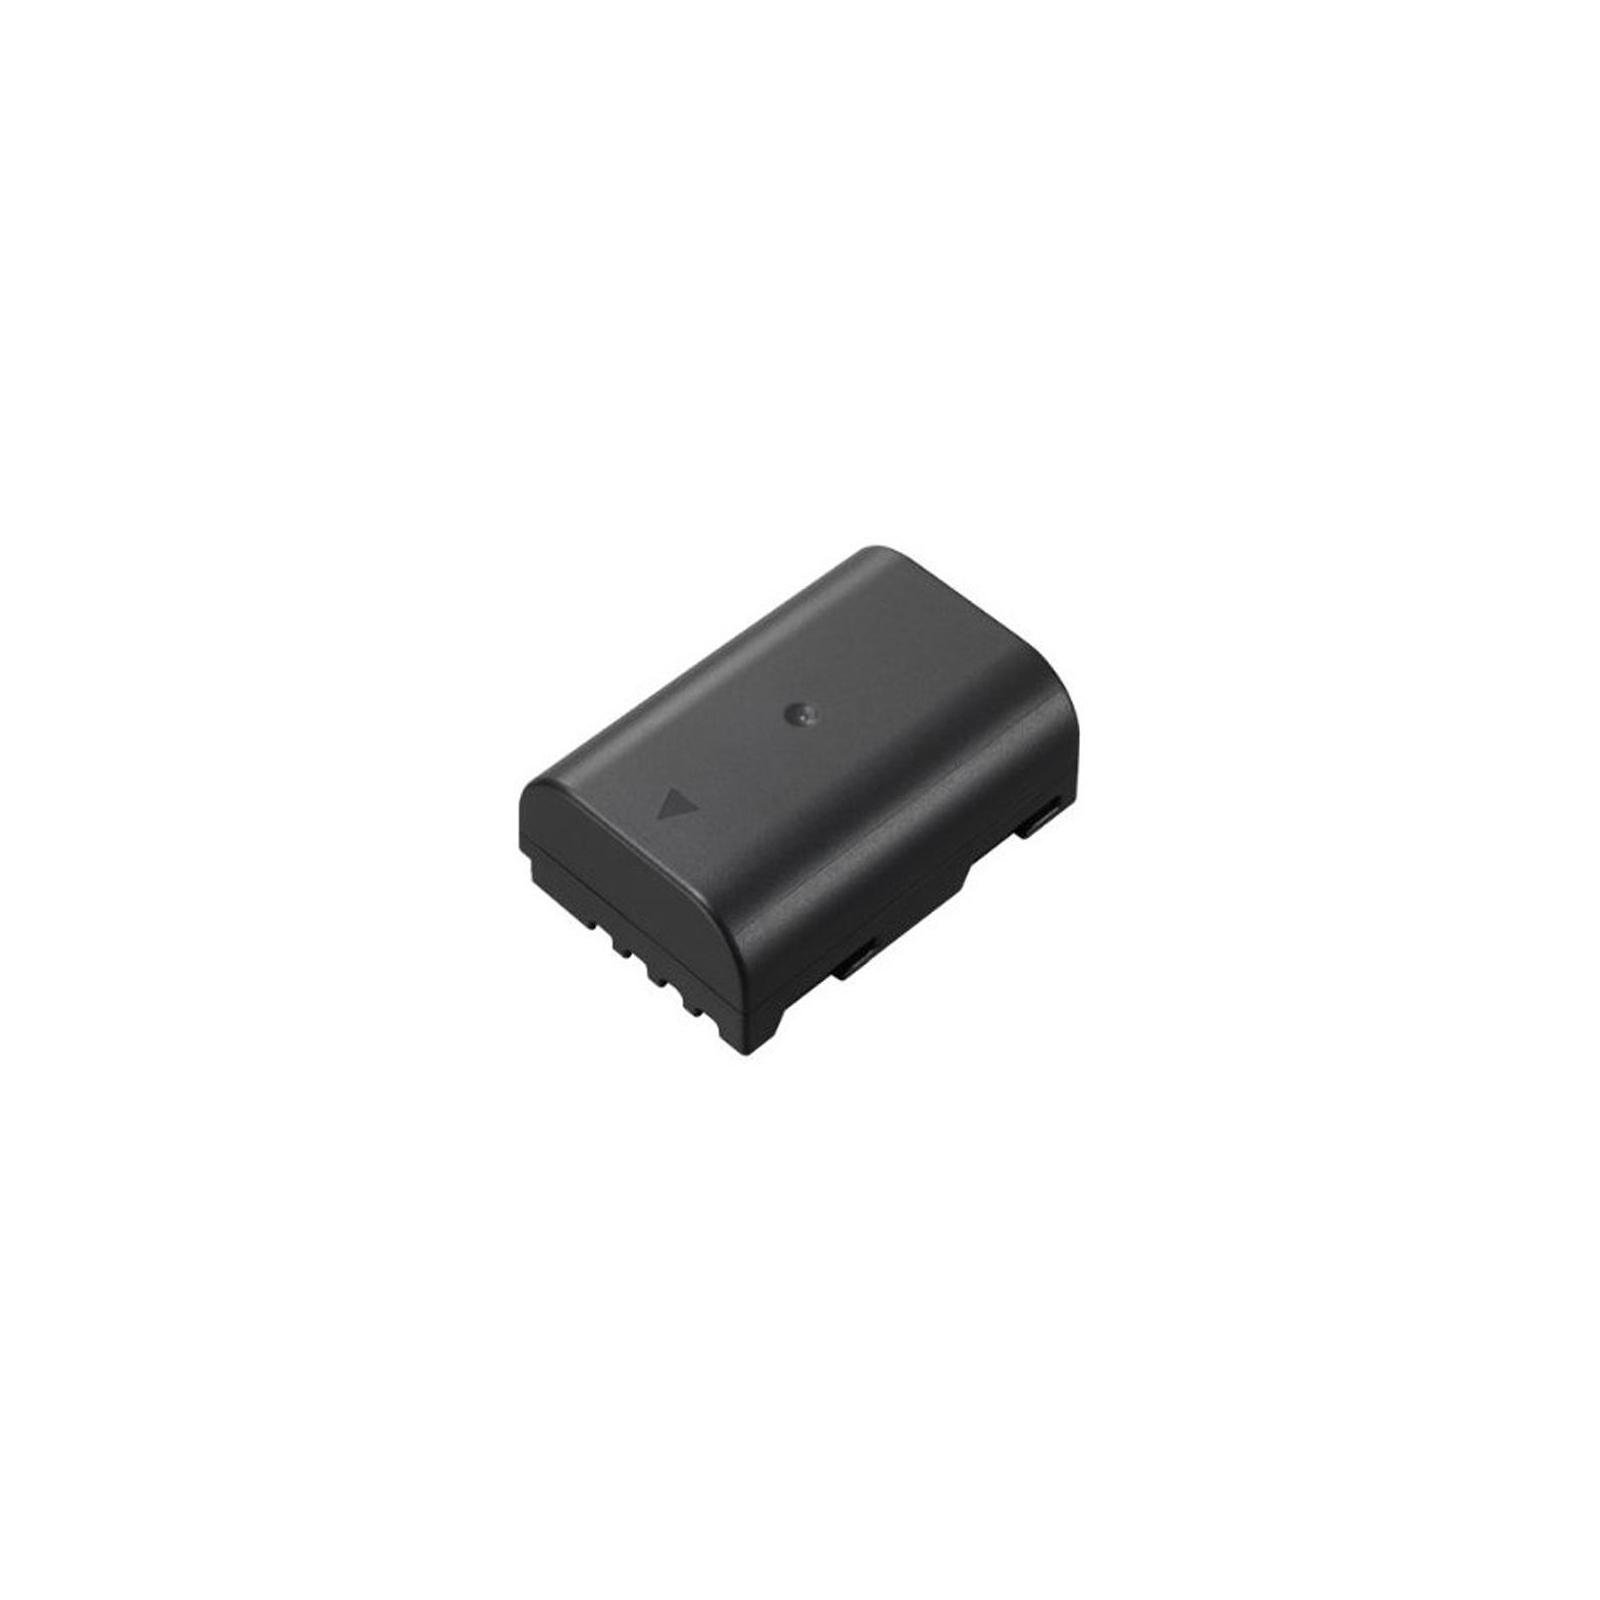 Аккумулятор к фото/видео PANASONIC for DMC-GH3 (DMW-BLF19E) изображение 2